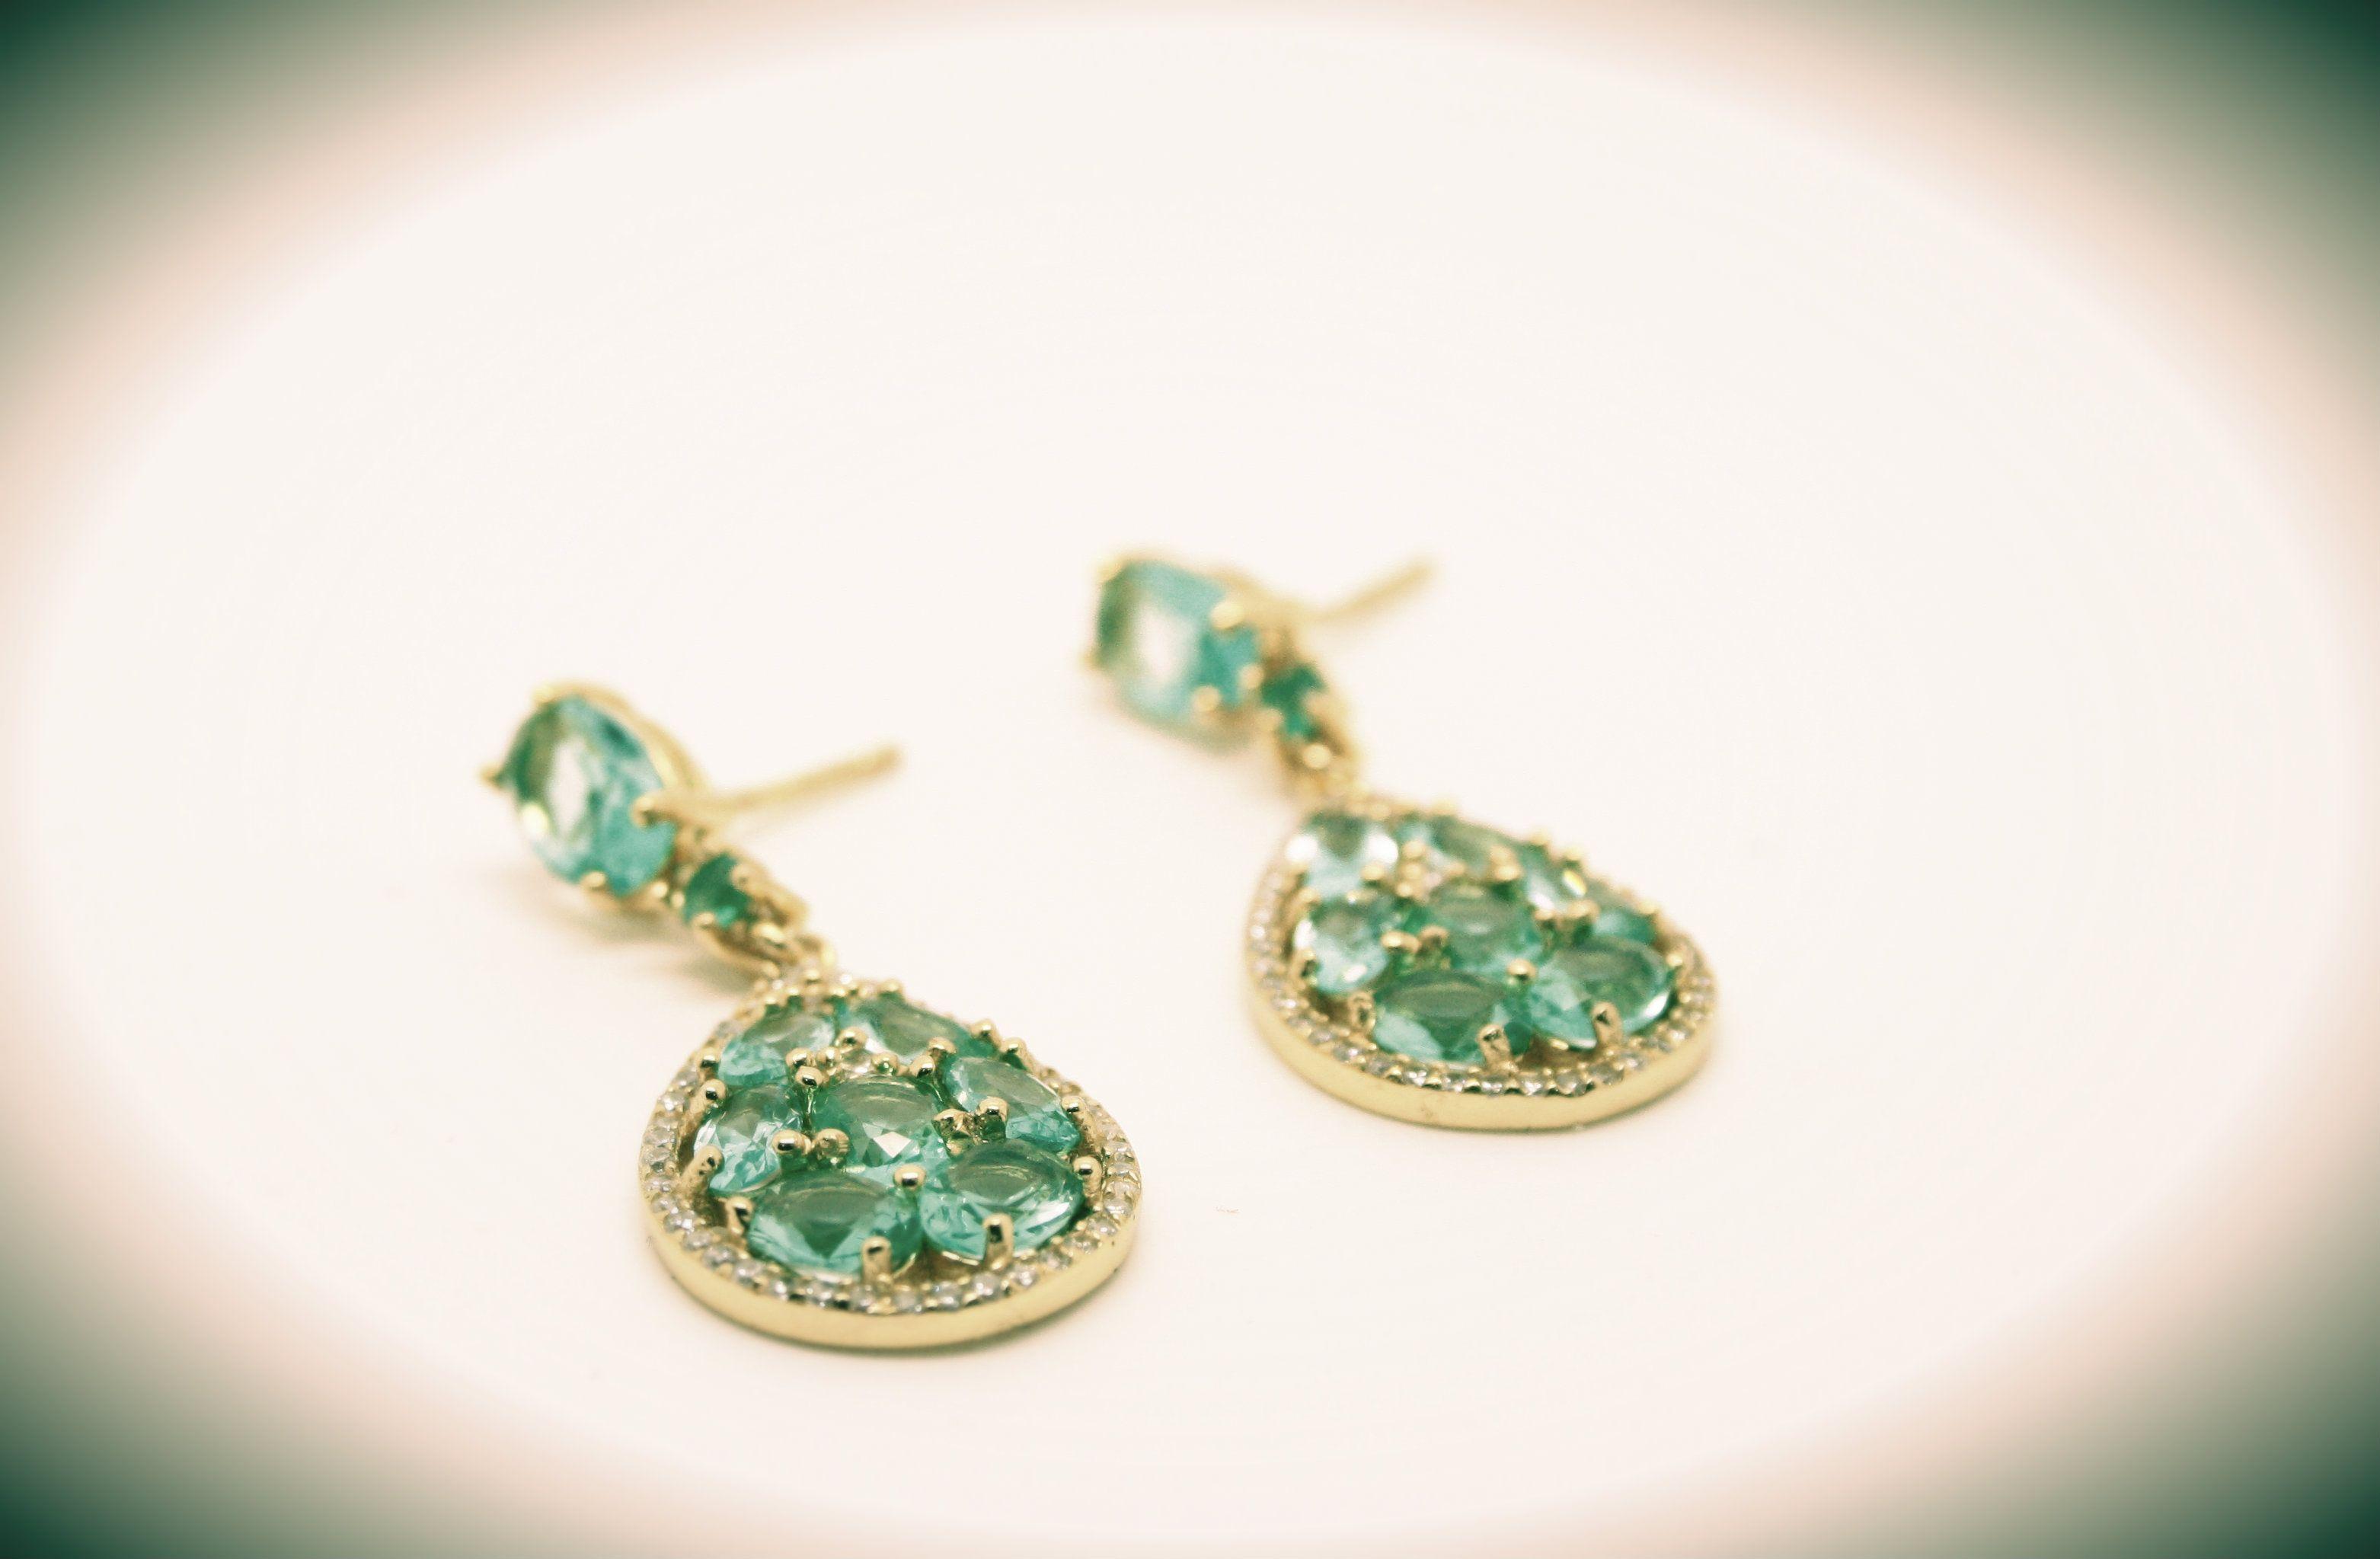 Brincos Prata Dourada Pedras Verdes